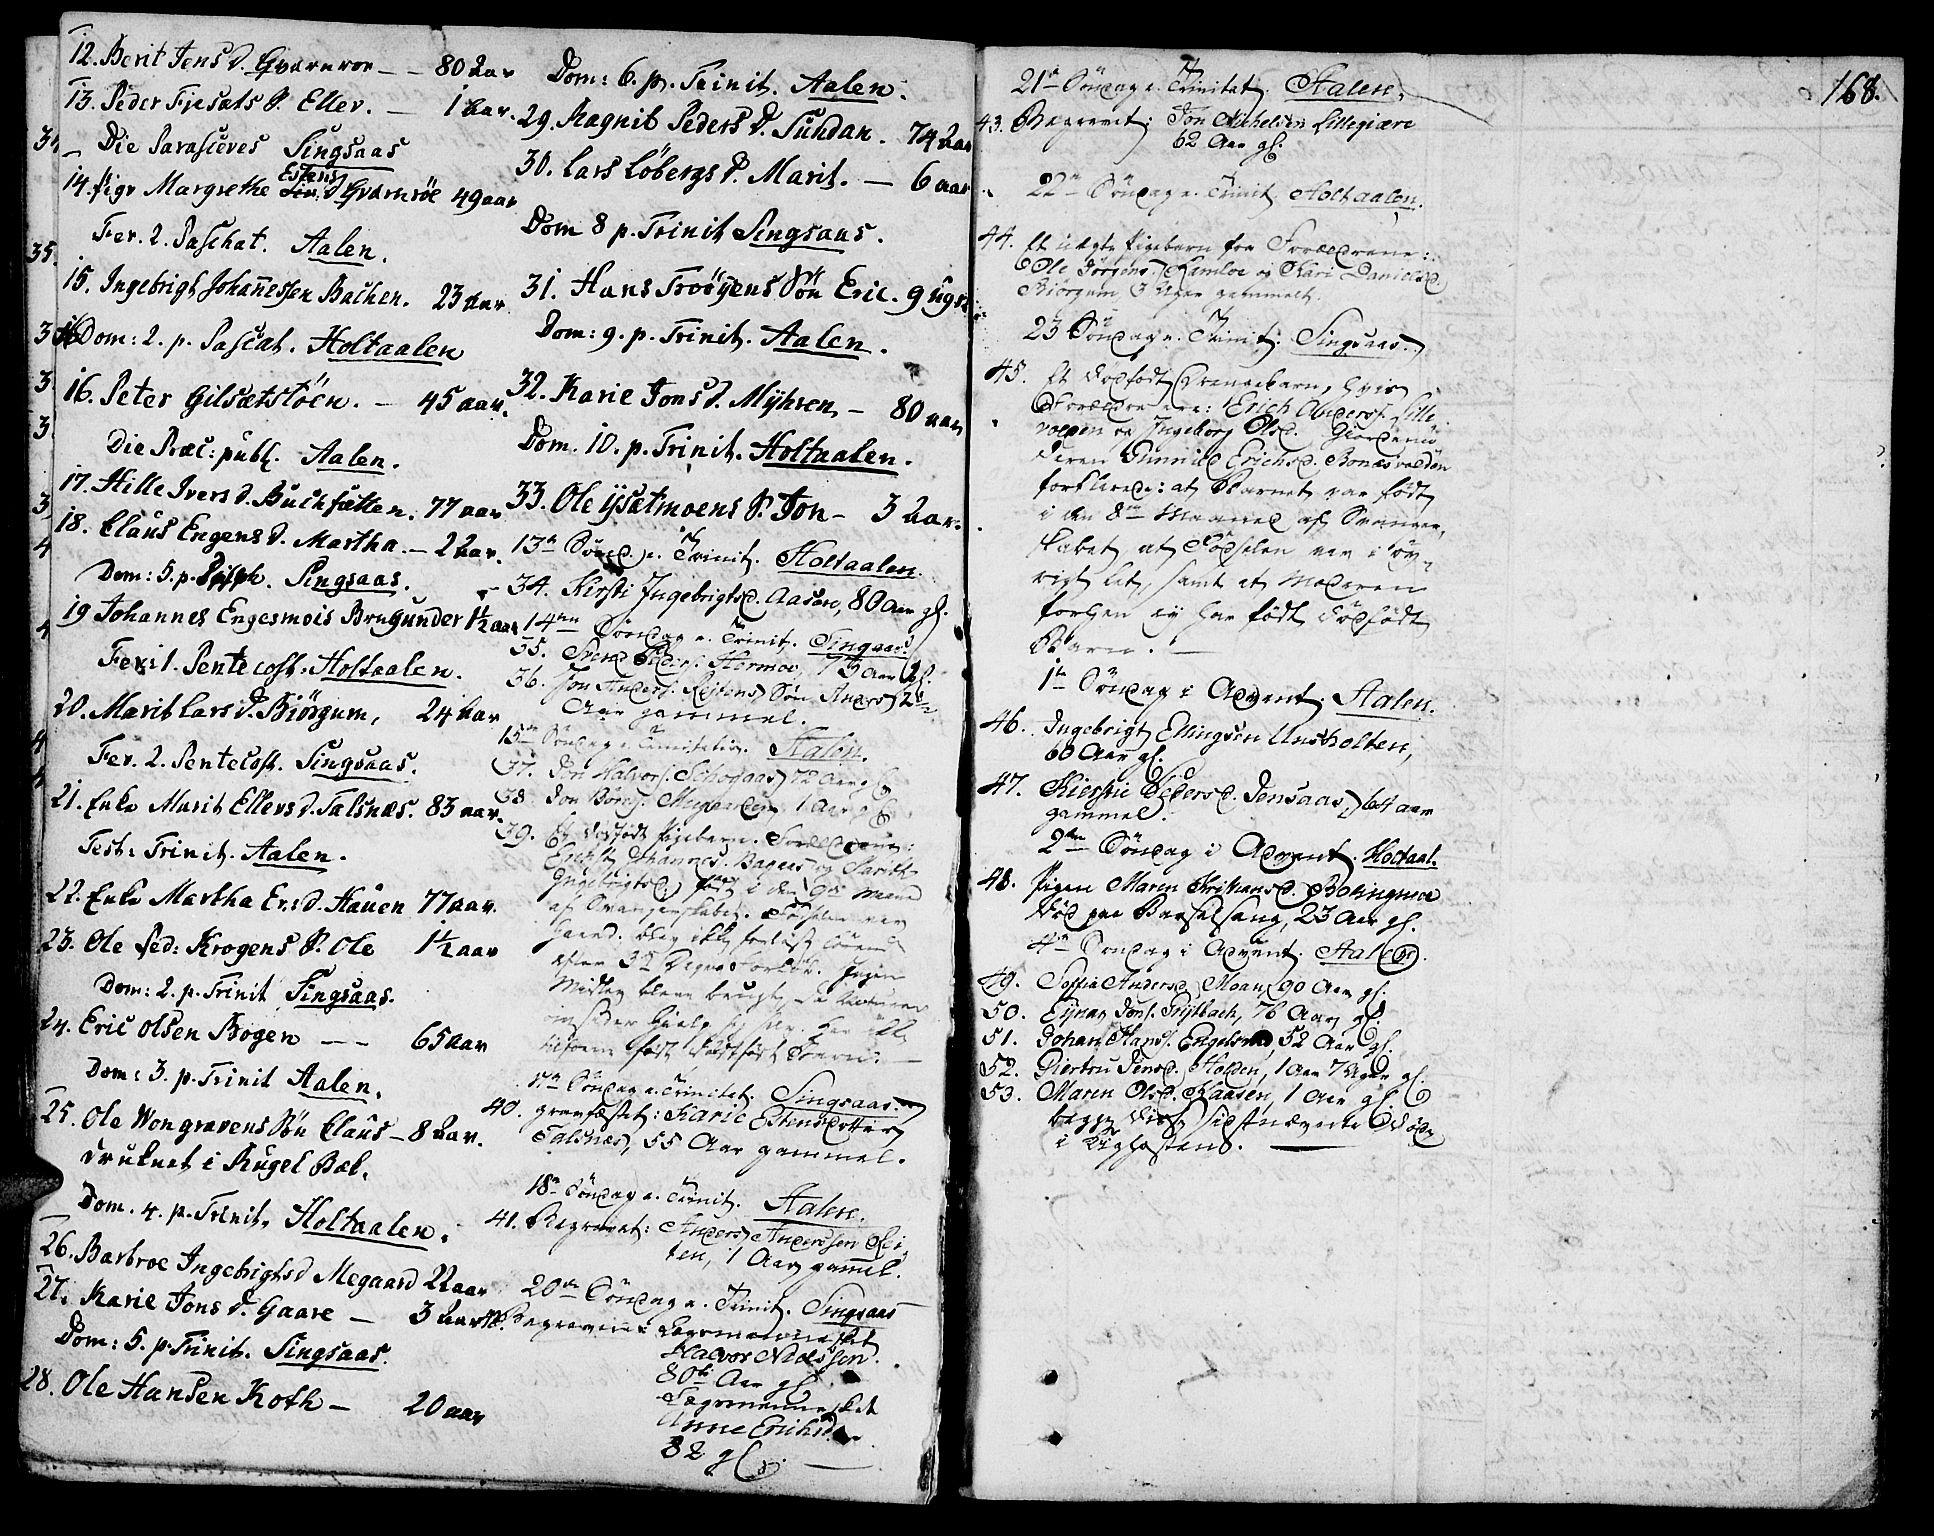 SAT, Ministerialprotokoller, klokkerbøker og fødselsregistre - Sør-Trøndelag, 685/L0953: Ministerialbok nr. 685A02, 1805-1816, s. 168